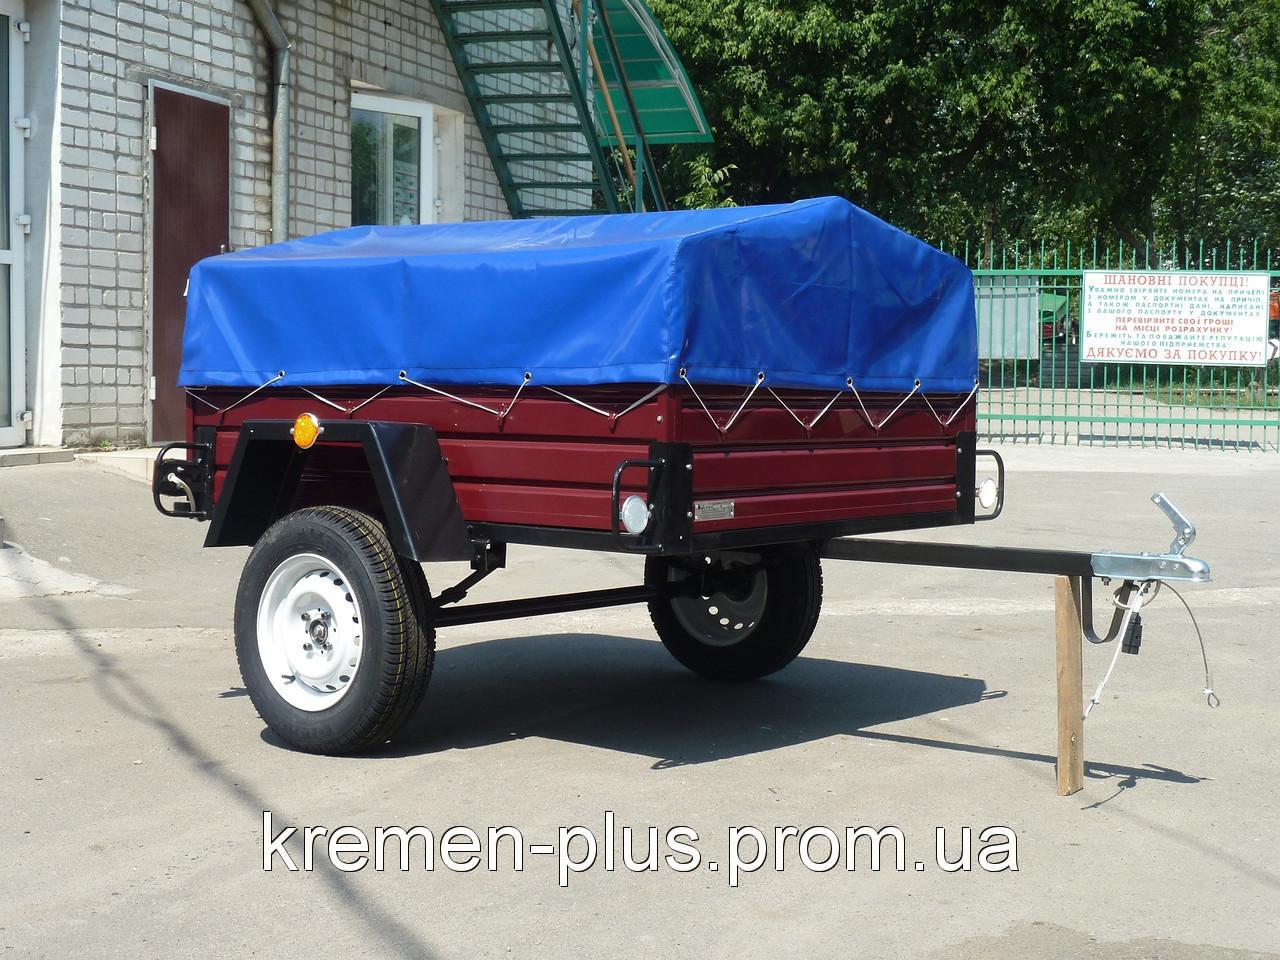 Продам одноосный легковой прицеп в Кировограде для автомобиля